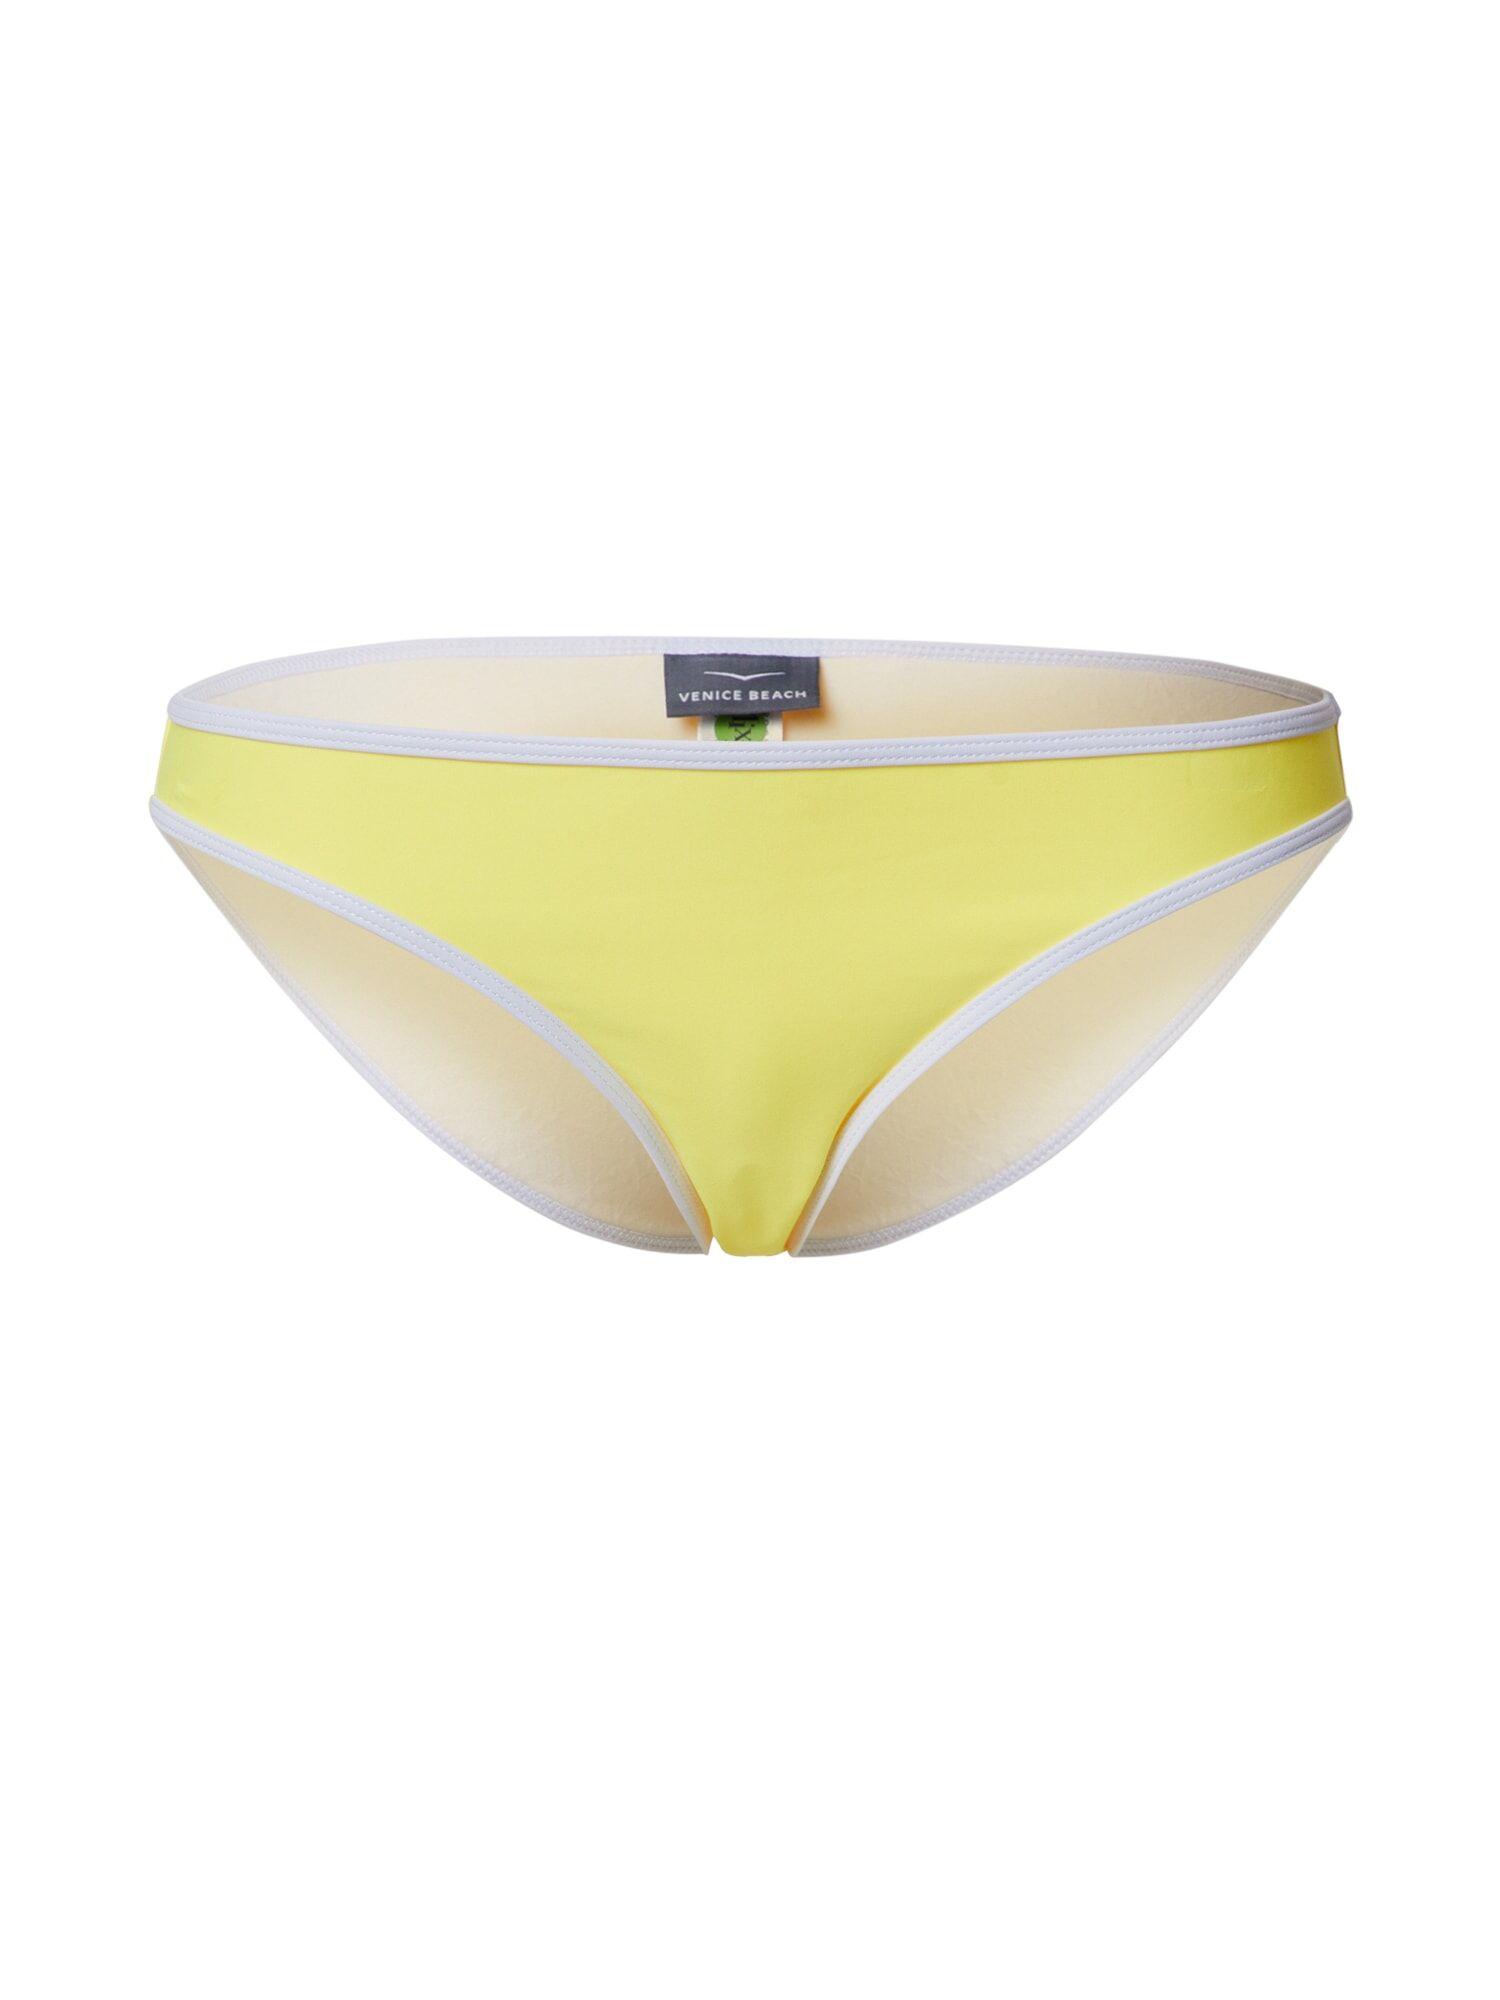 VENICE BEACH Bas de bikini  - Jaune - Taille: 36 - female